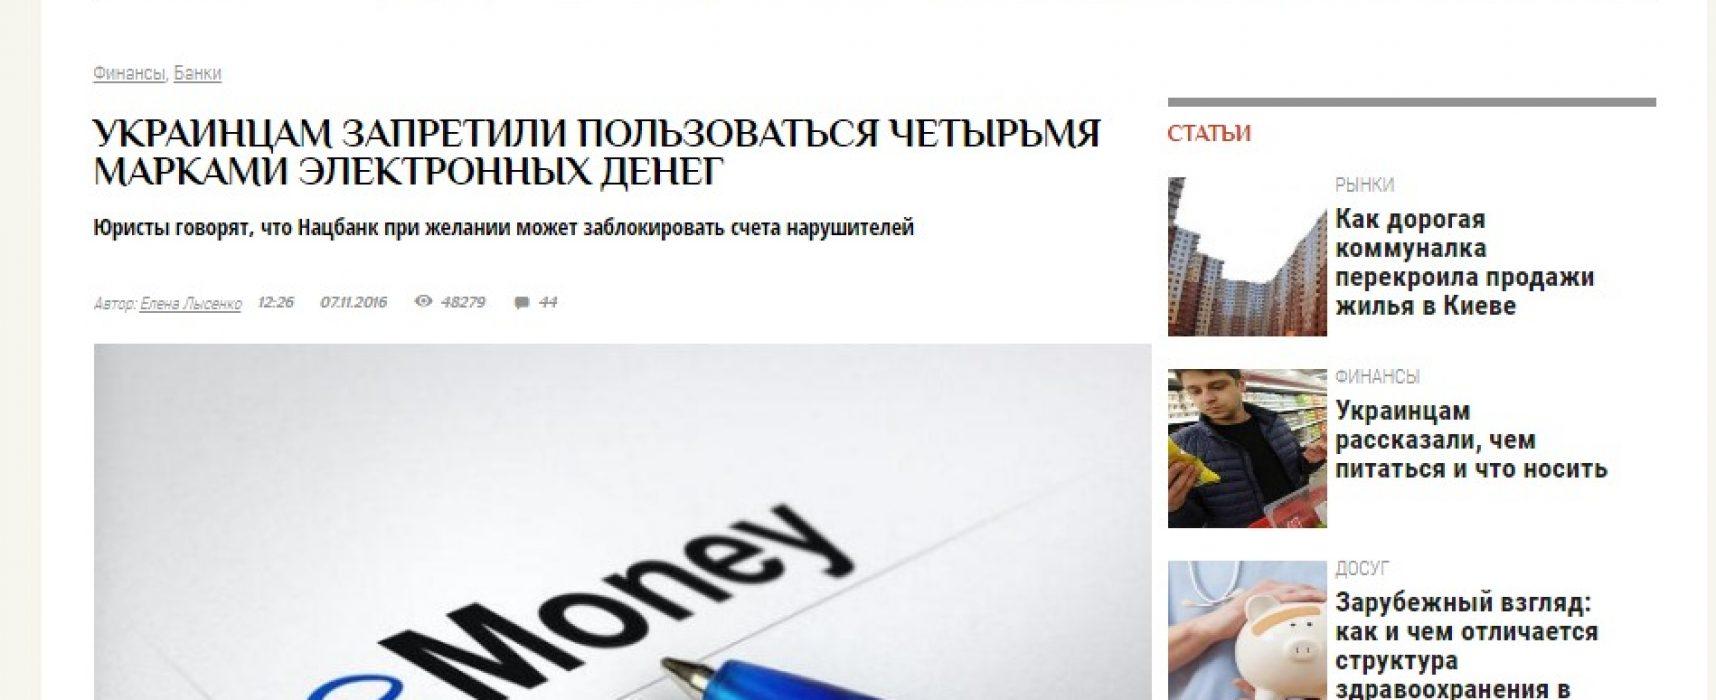 Нацбанк Украины не запрещал использование Webmoney или Яндекс.Деньги